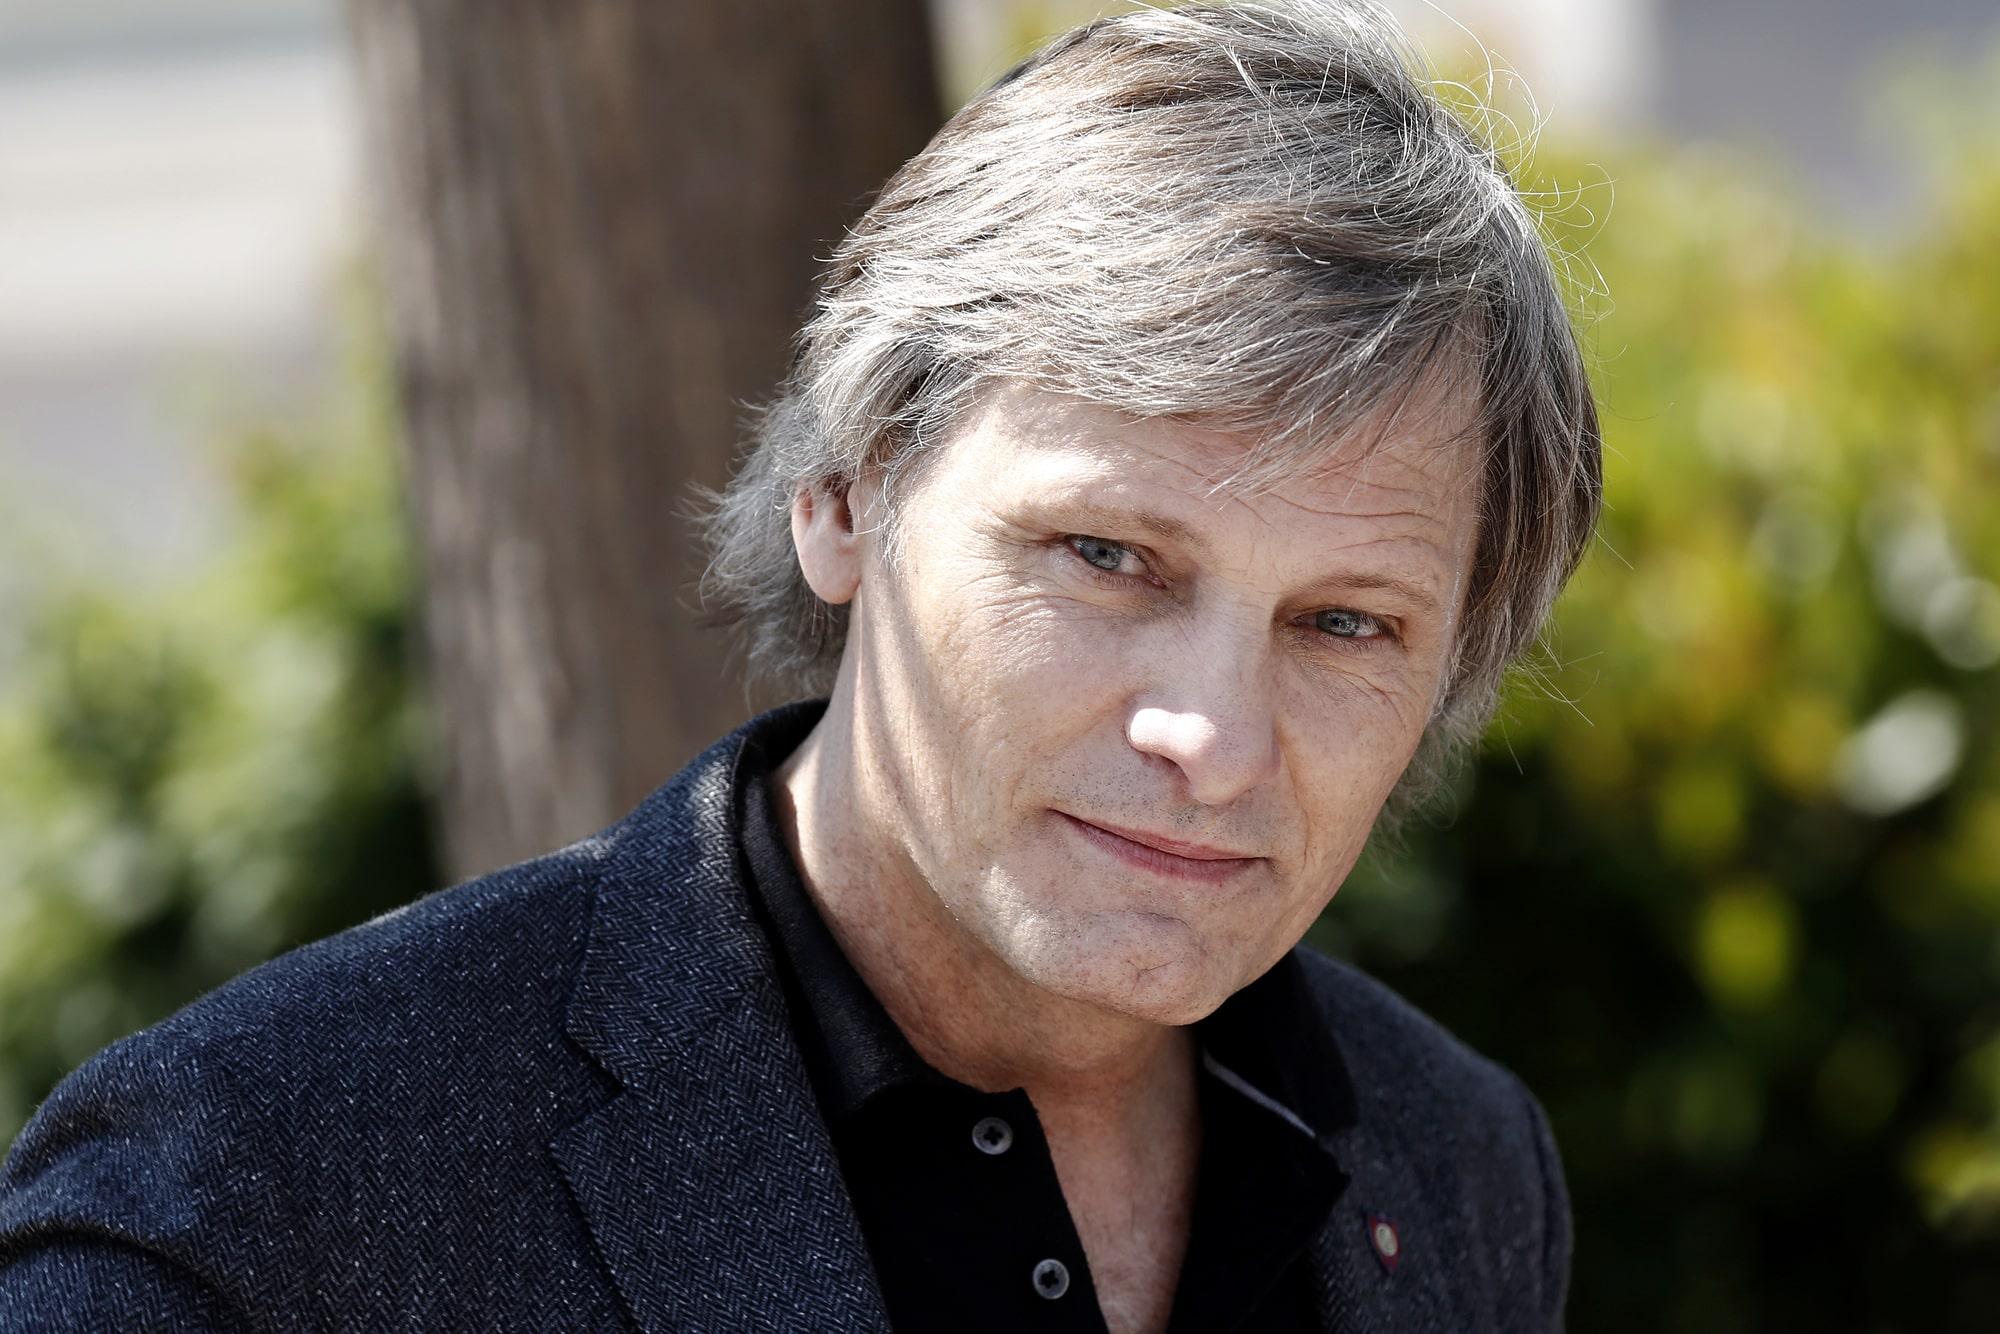 Вигго Мортенсен рассказал, почему отказался от роли Росомахи в фильме «Люди Икс»